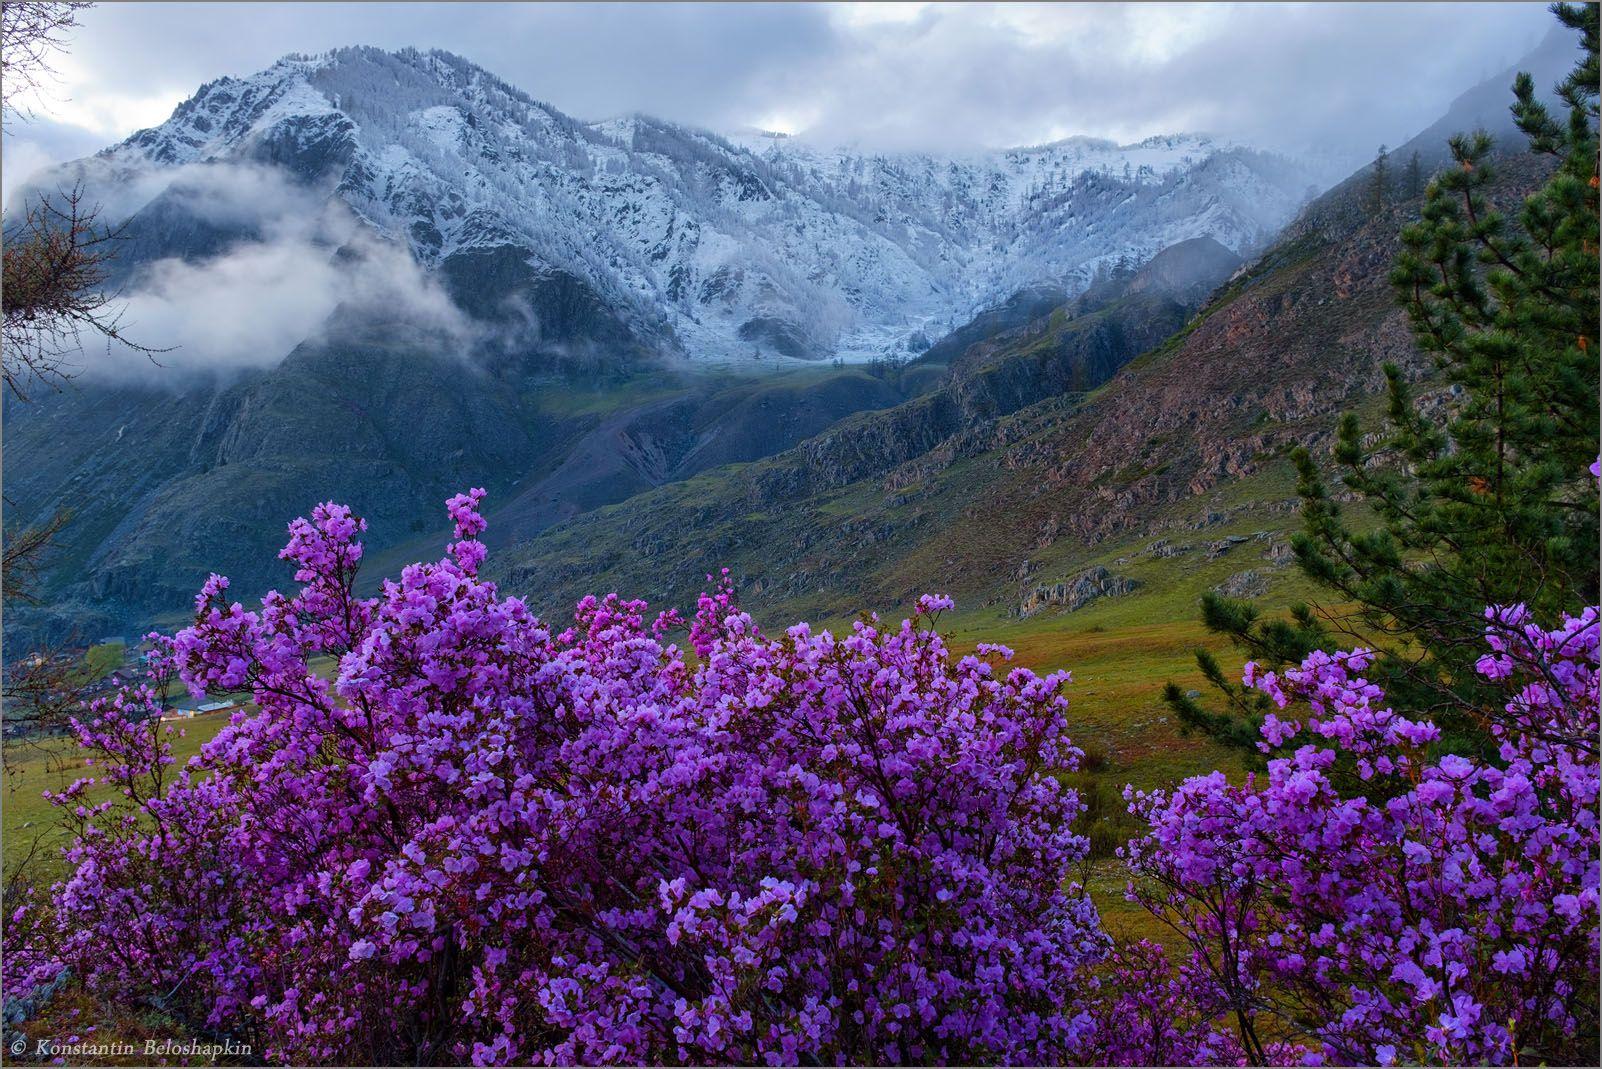 алтай, горы, вечер, весна, рододендрон ледебура, маральник, иодро, Константин Белошапкин